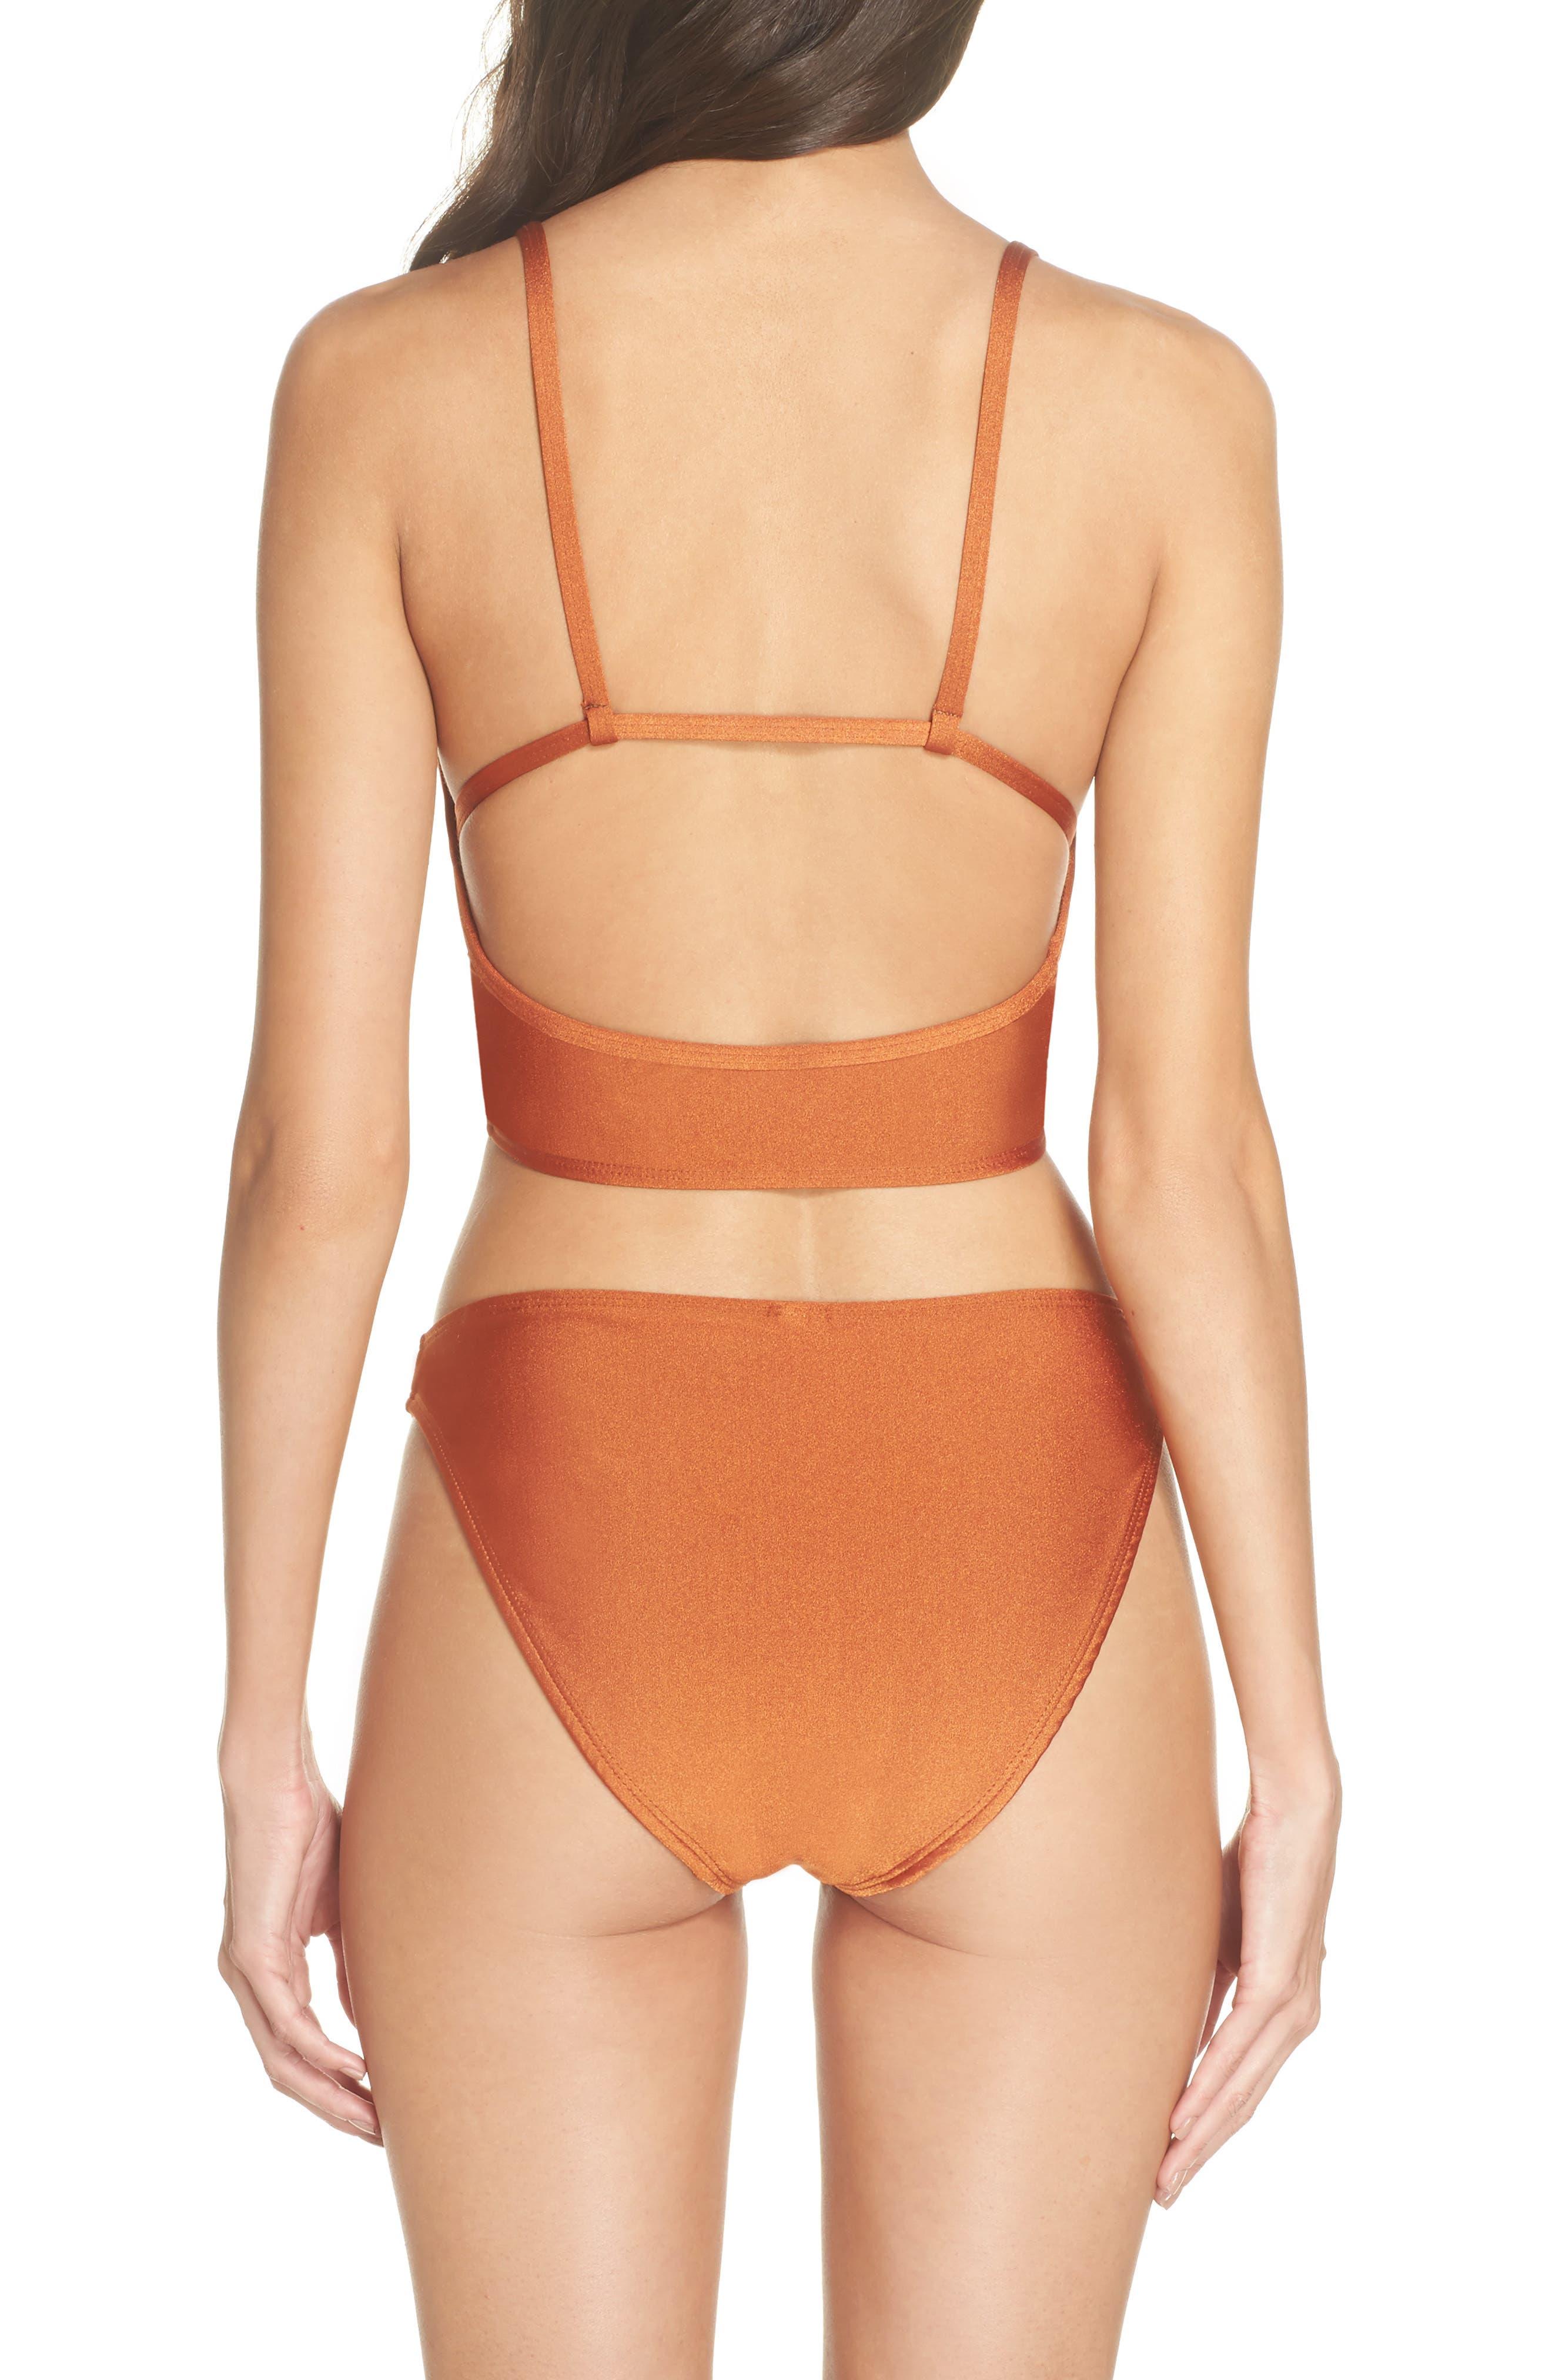 Horizon Bikini Top,                             Alternate thumbnail 8, color,                             800